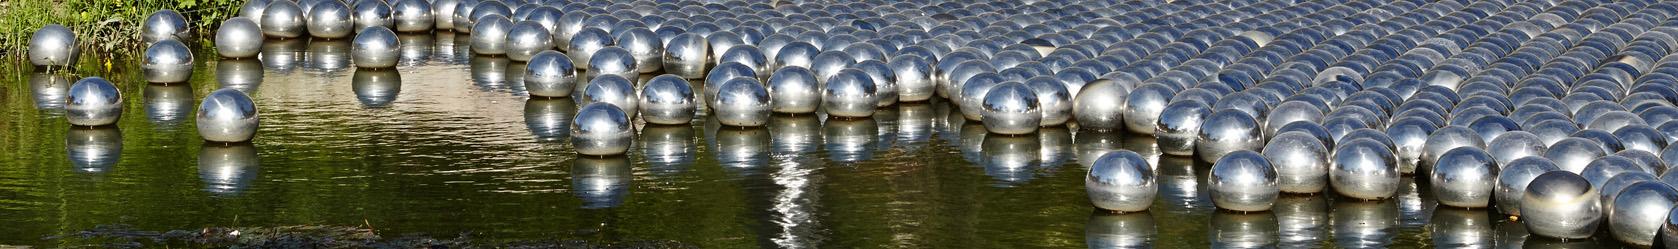 Domaine du Muy sculpture park